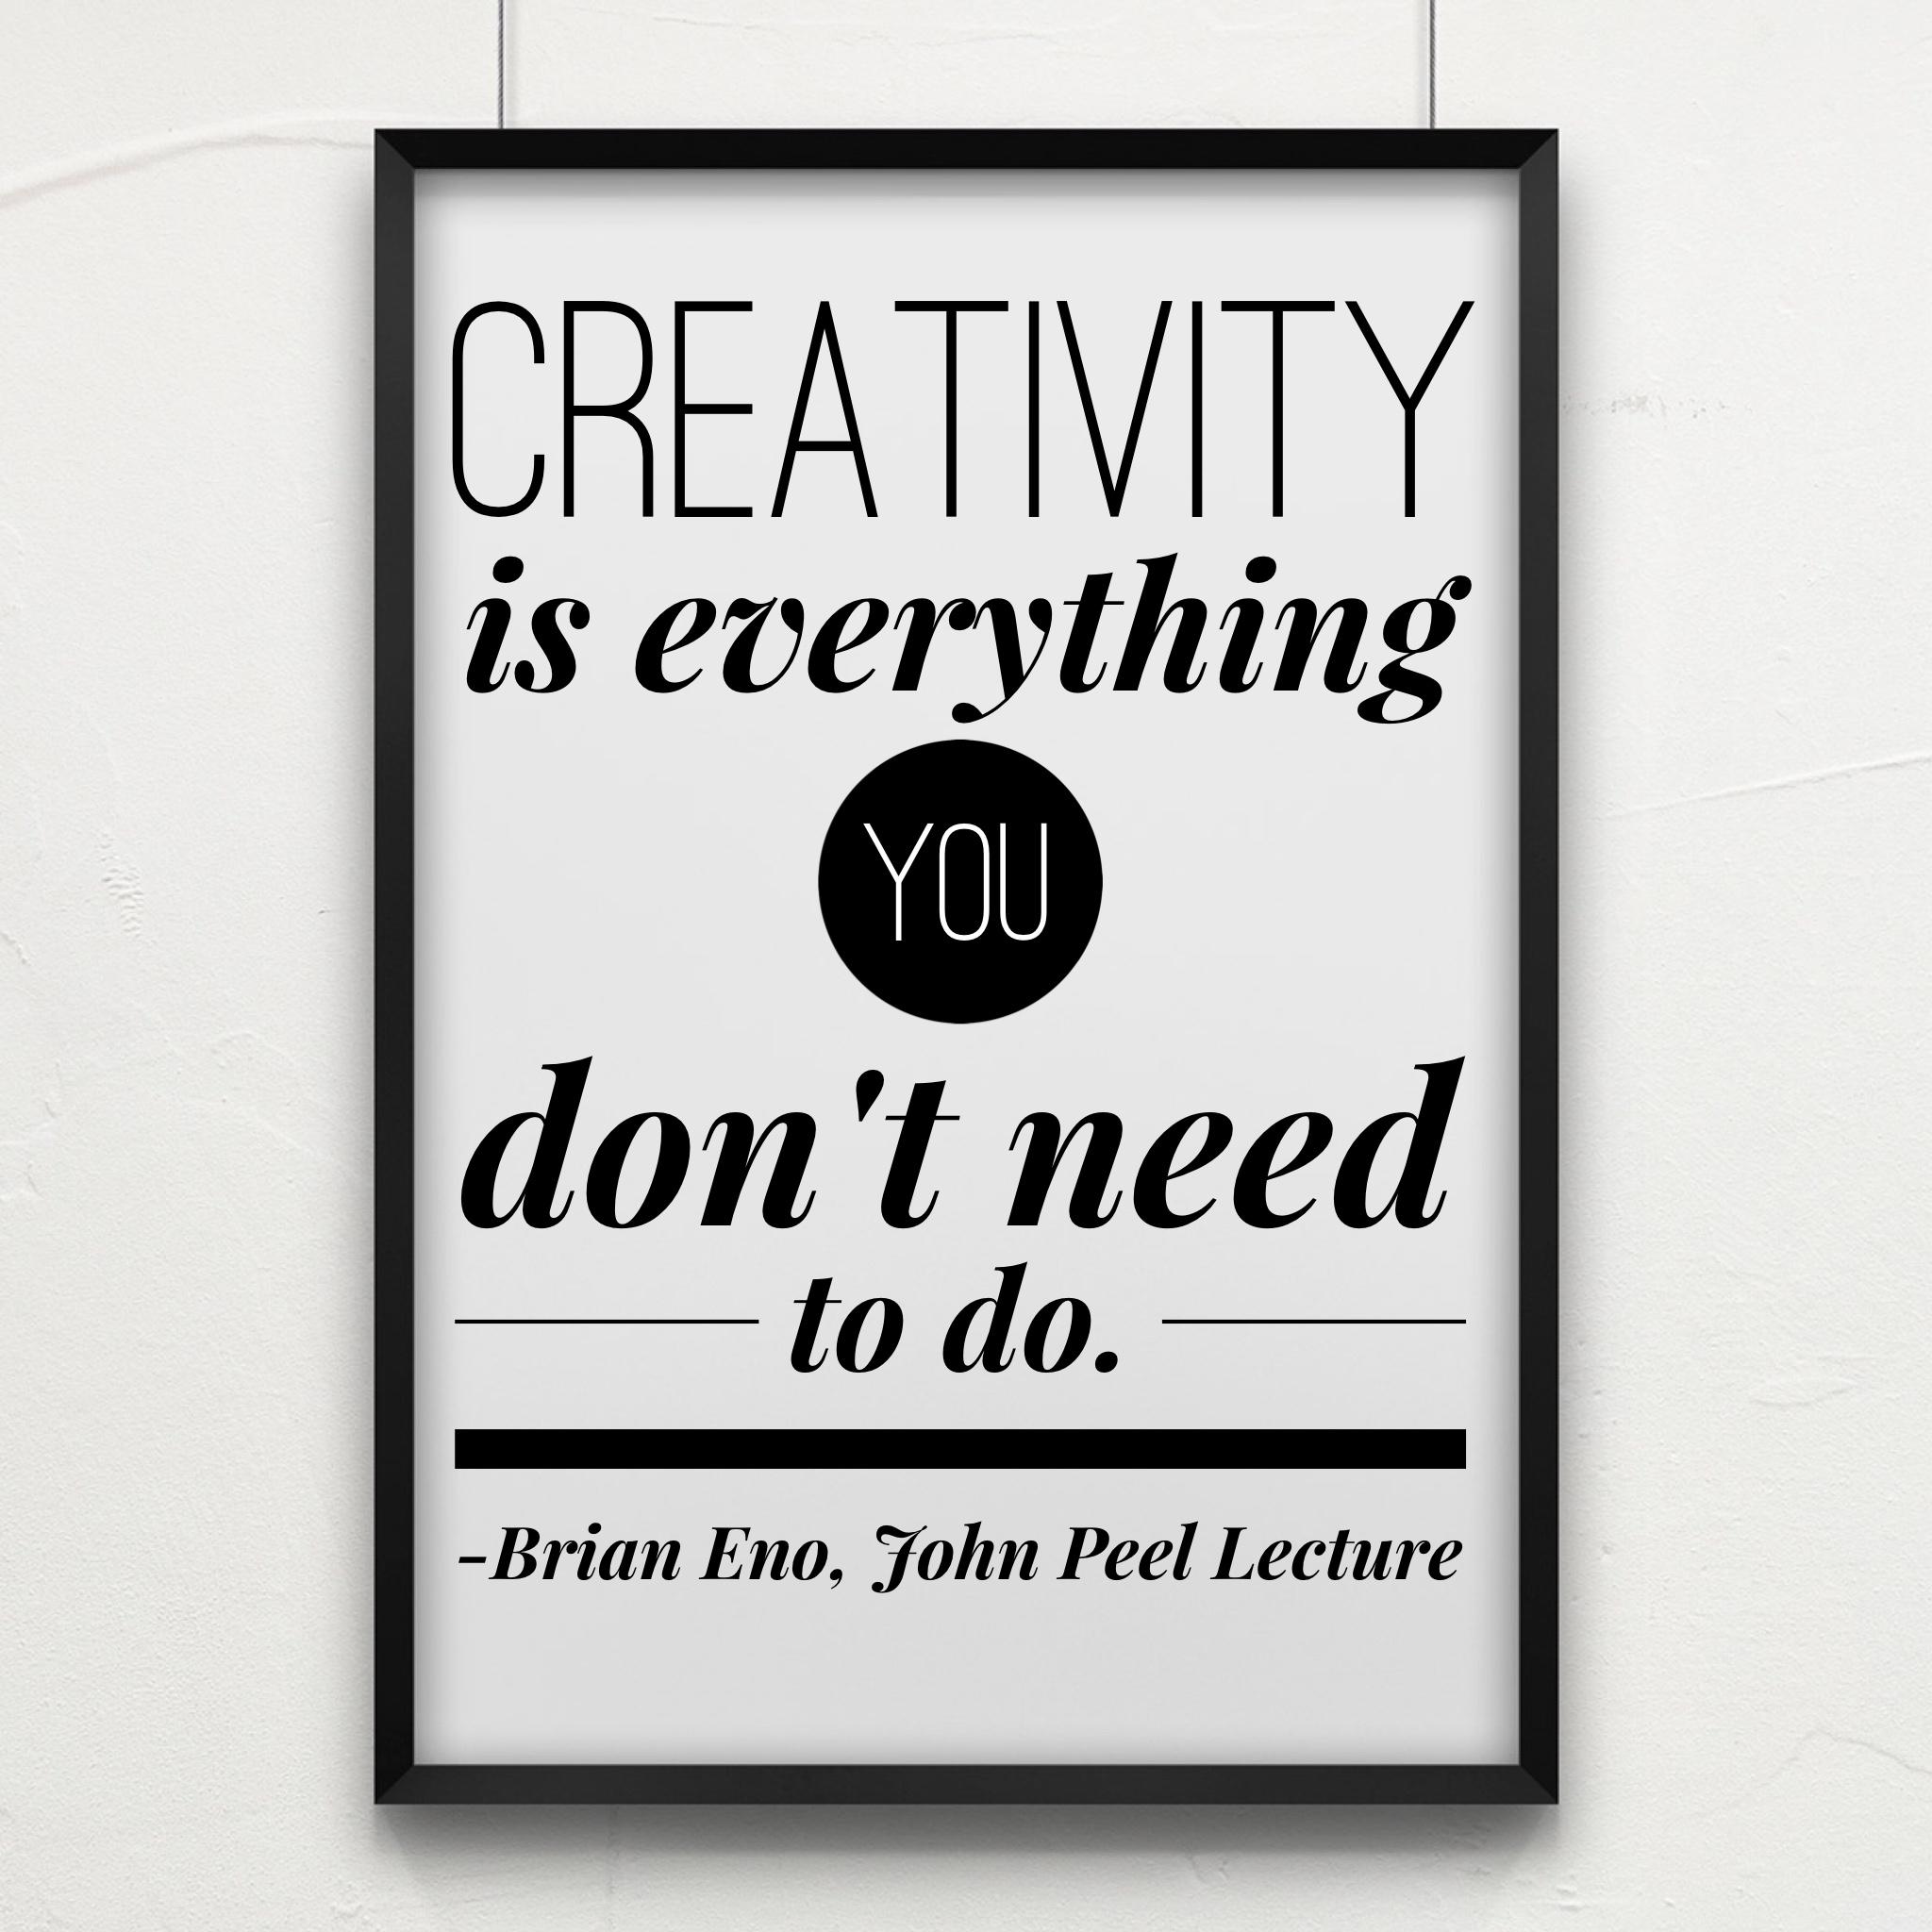 Brian Eno Creativity Quote